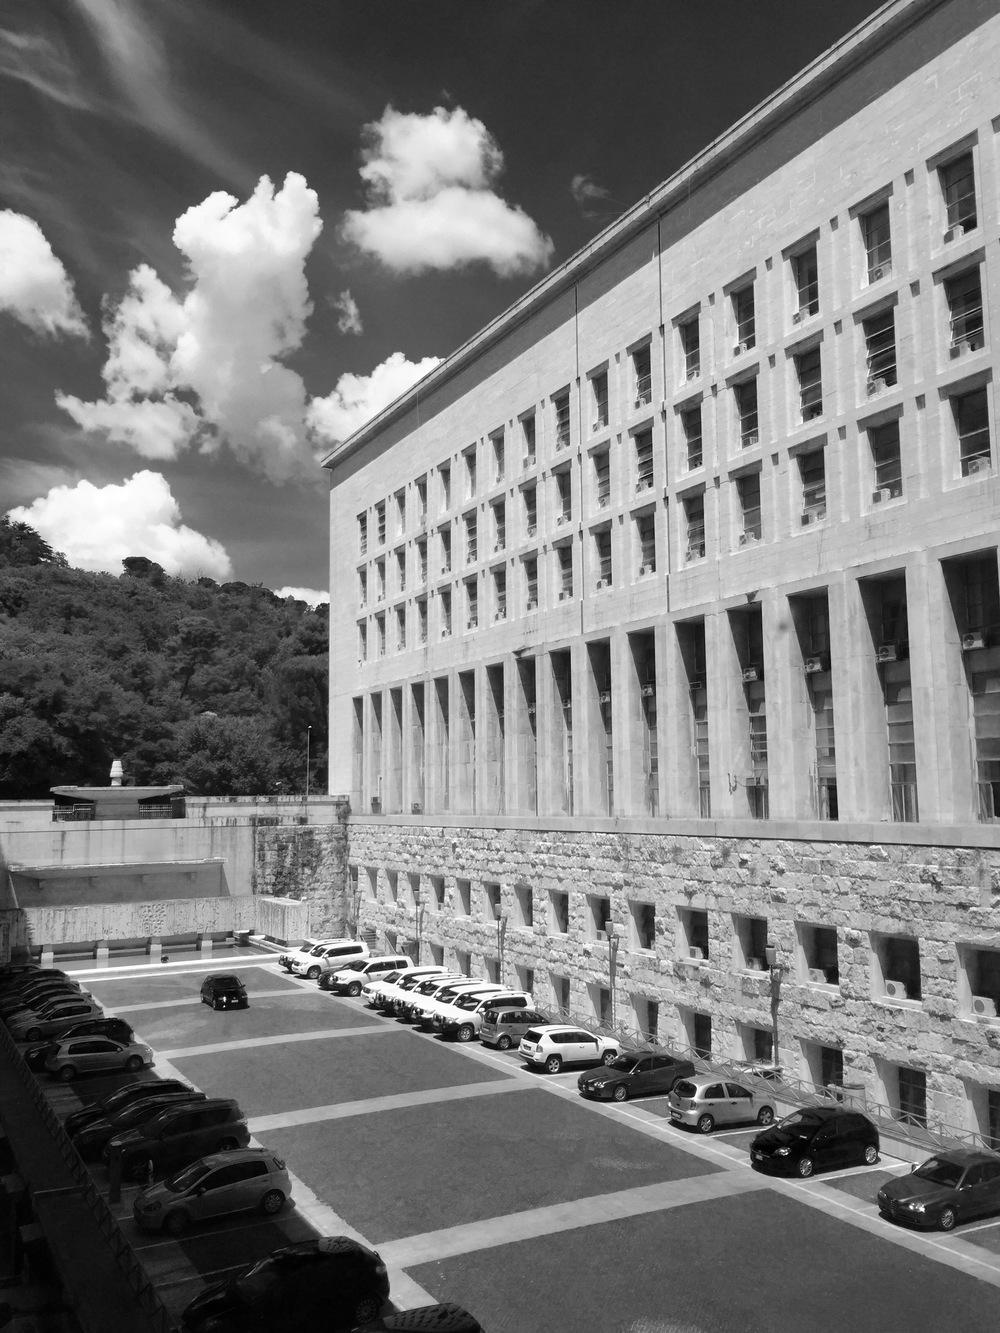 ministero-degli-affari-esteri-denis-bosnic-photography-porte-aperte-farnesina-indietro-interior-11.jpg